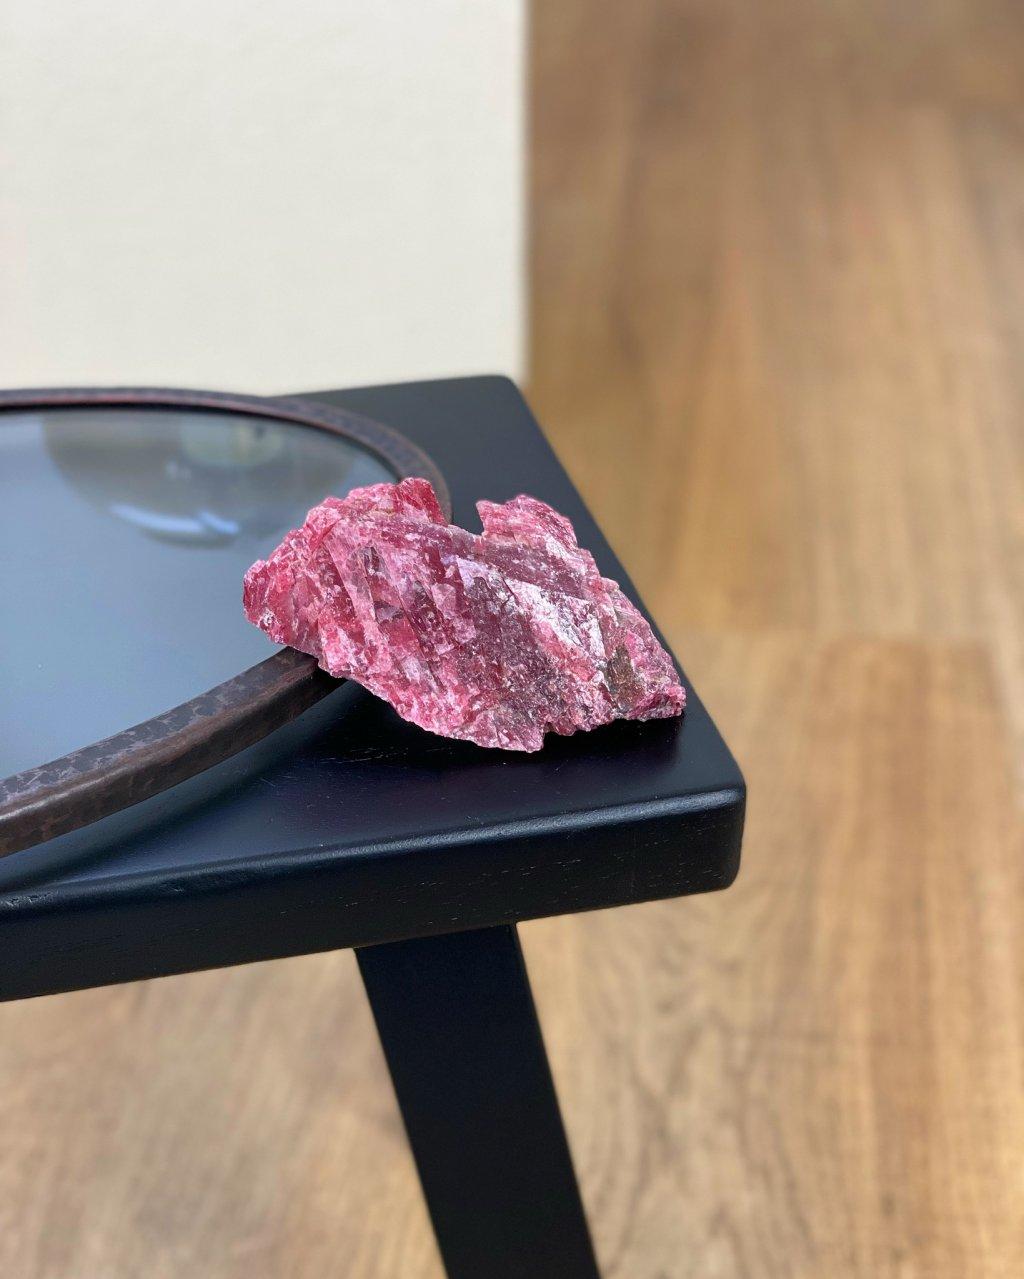 Drahý kámen rodochrozit surový